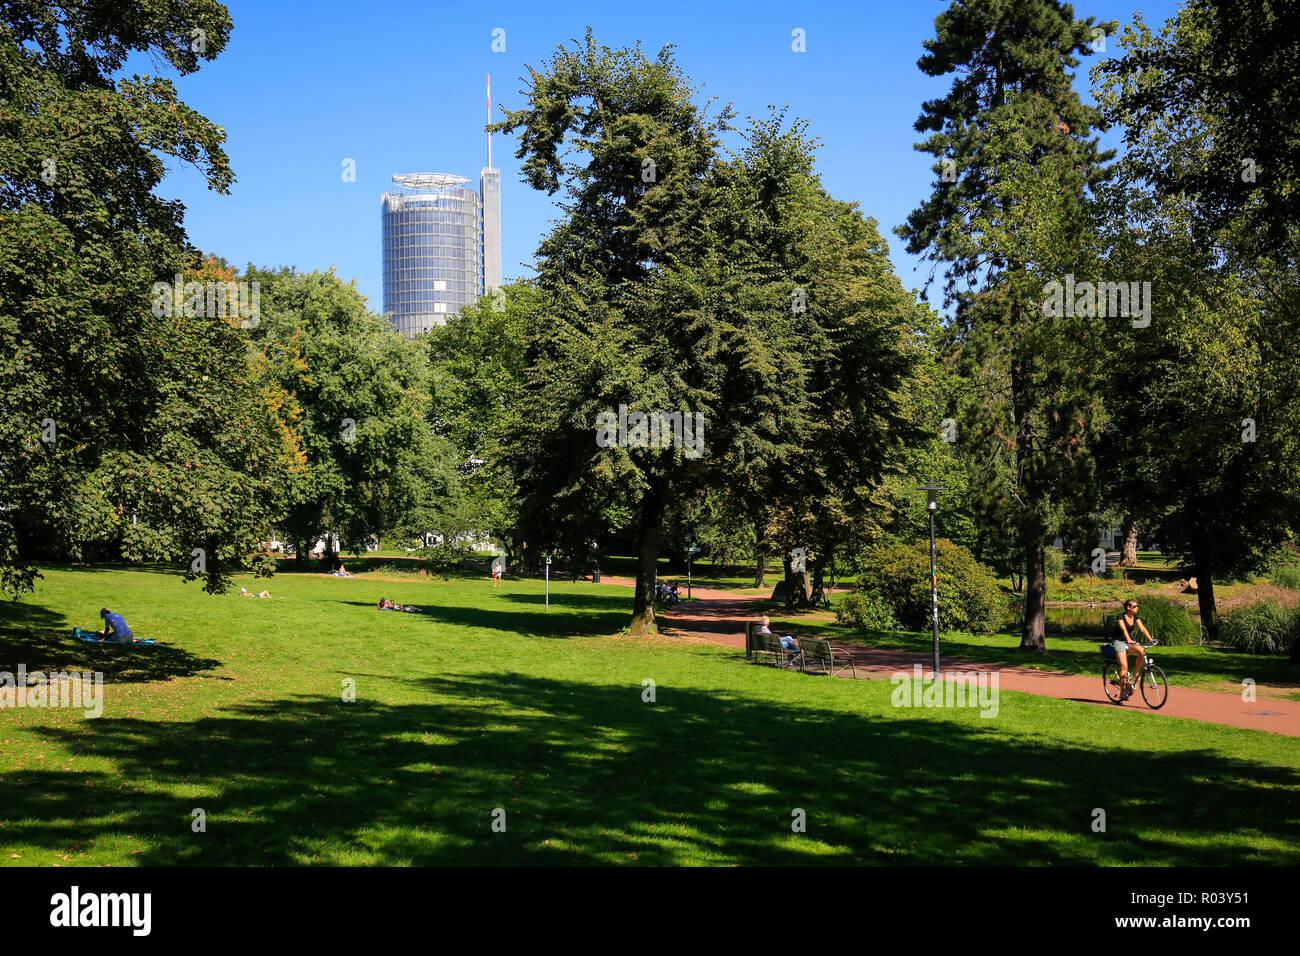 Essen, Germany, Ruhr area, Stadtgarten - Stock Image